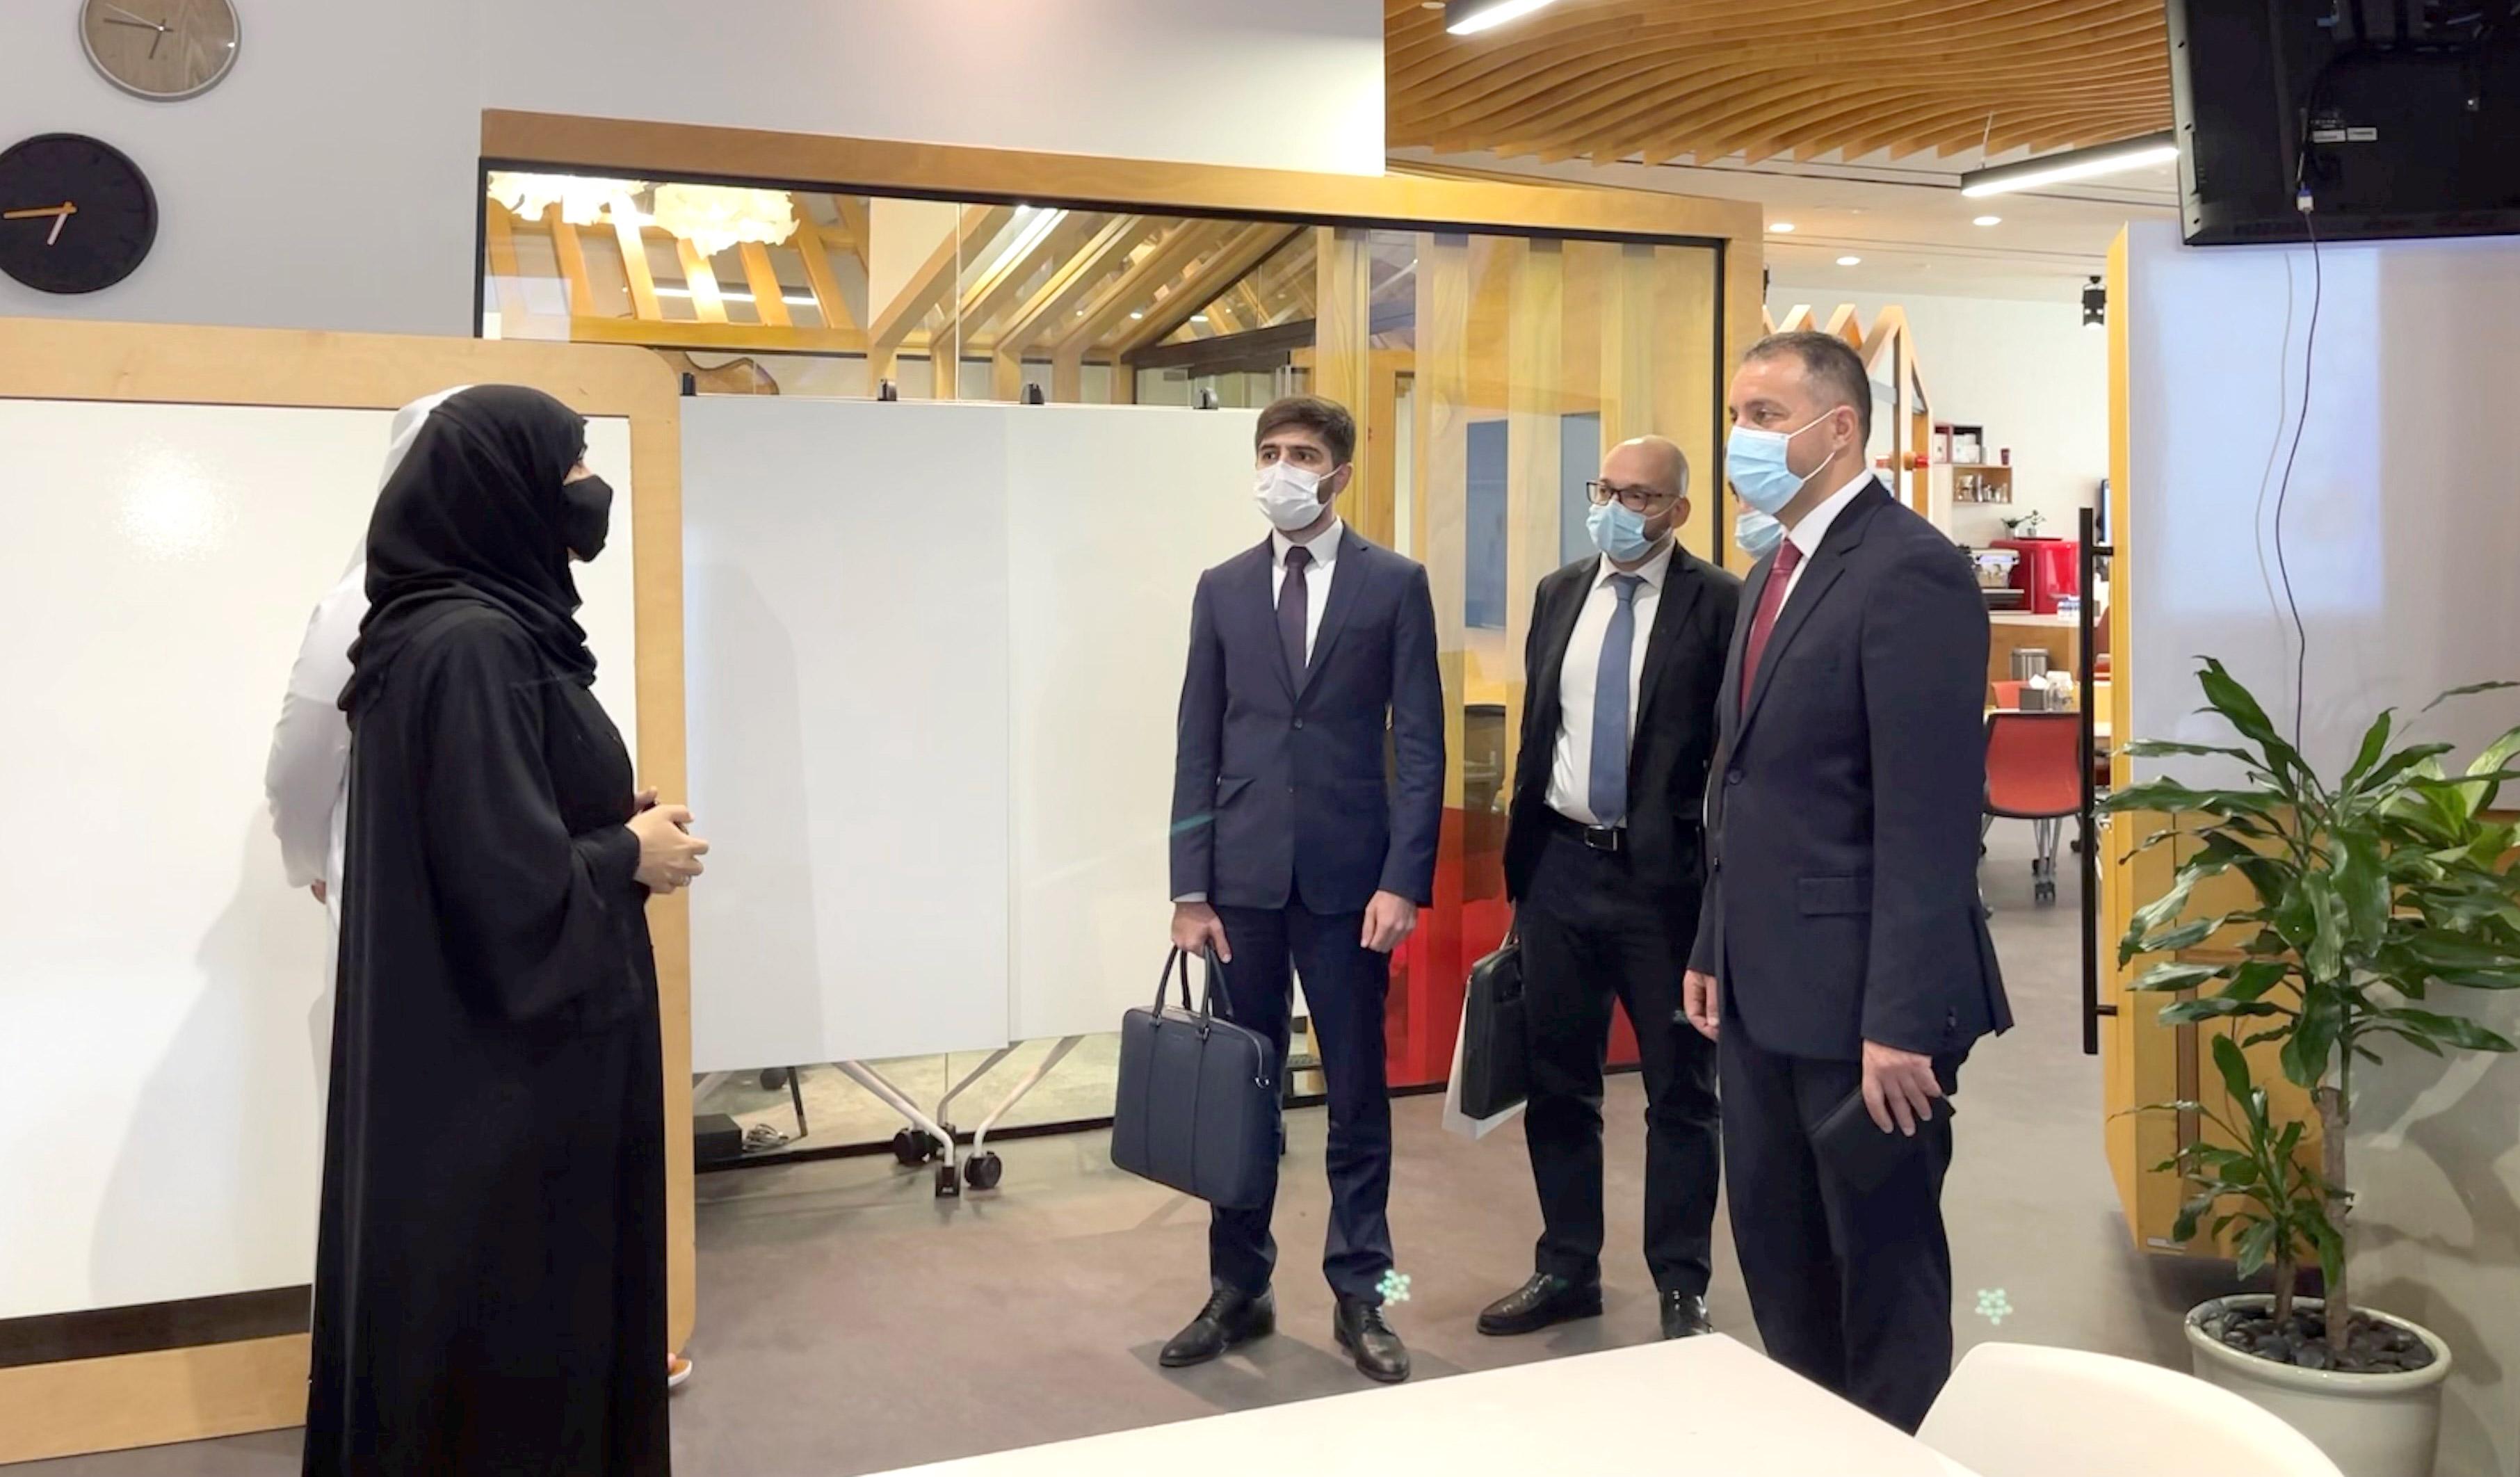 Վահան Քերոբյանը Դուբայում հանդիպել է ԱՄԷ Կլիմայի փոփոխության և շրջակա միջավայրի նախարար Մարիամ Ալմհեյրի հետ